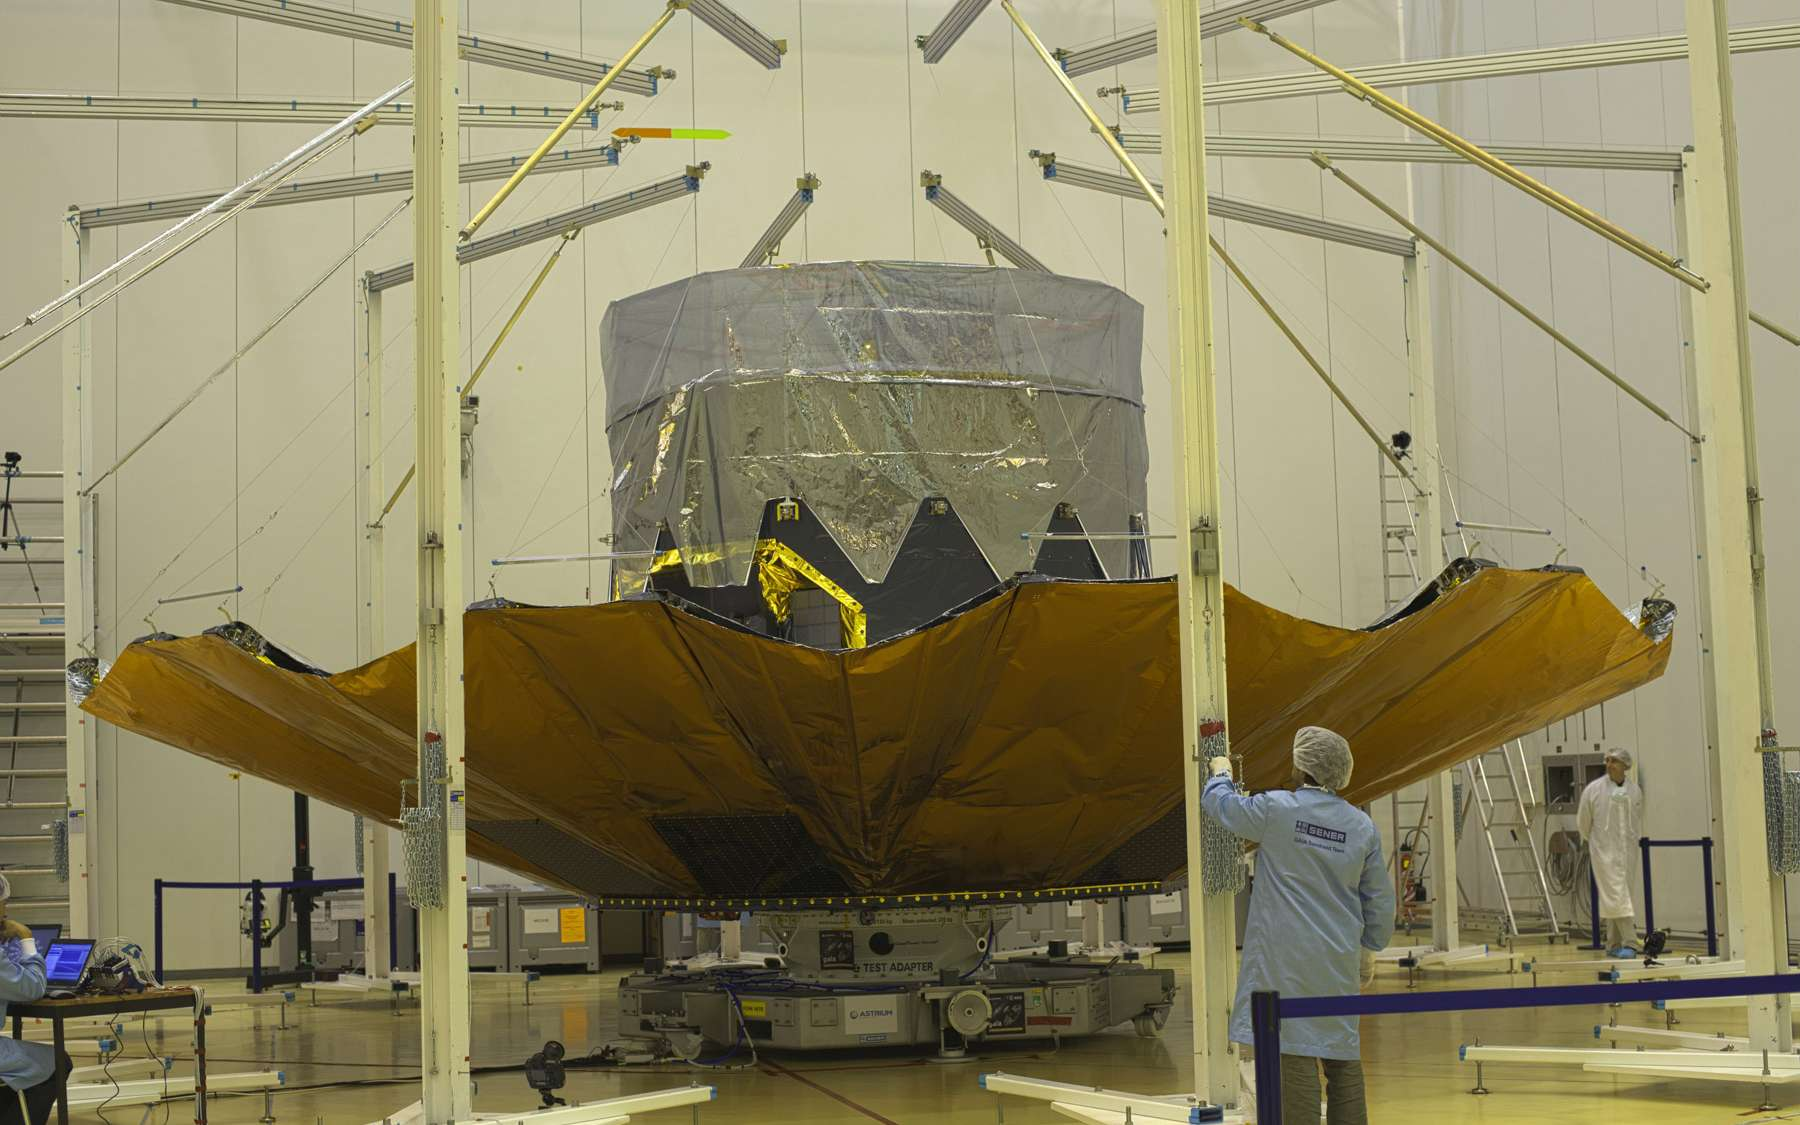 Le satellite Gaia dans la salle blanche du bâtiment S1B du centre spatial guyanais, le 10 octobre. On remarque son bouclier thermique déployé. © M. Pedoussaut, Esa